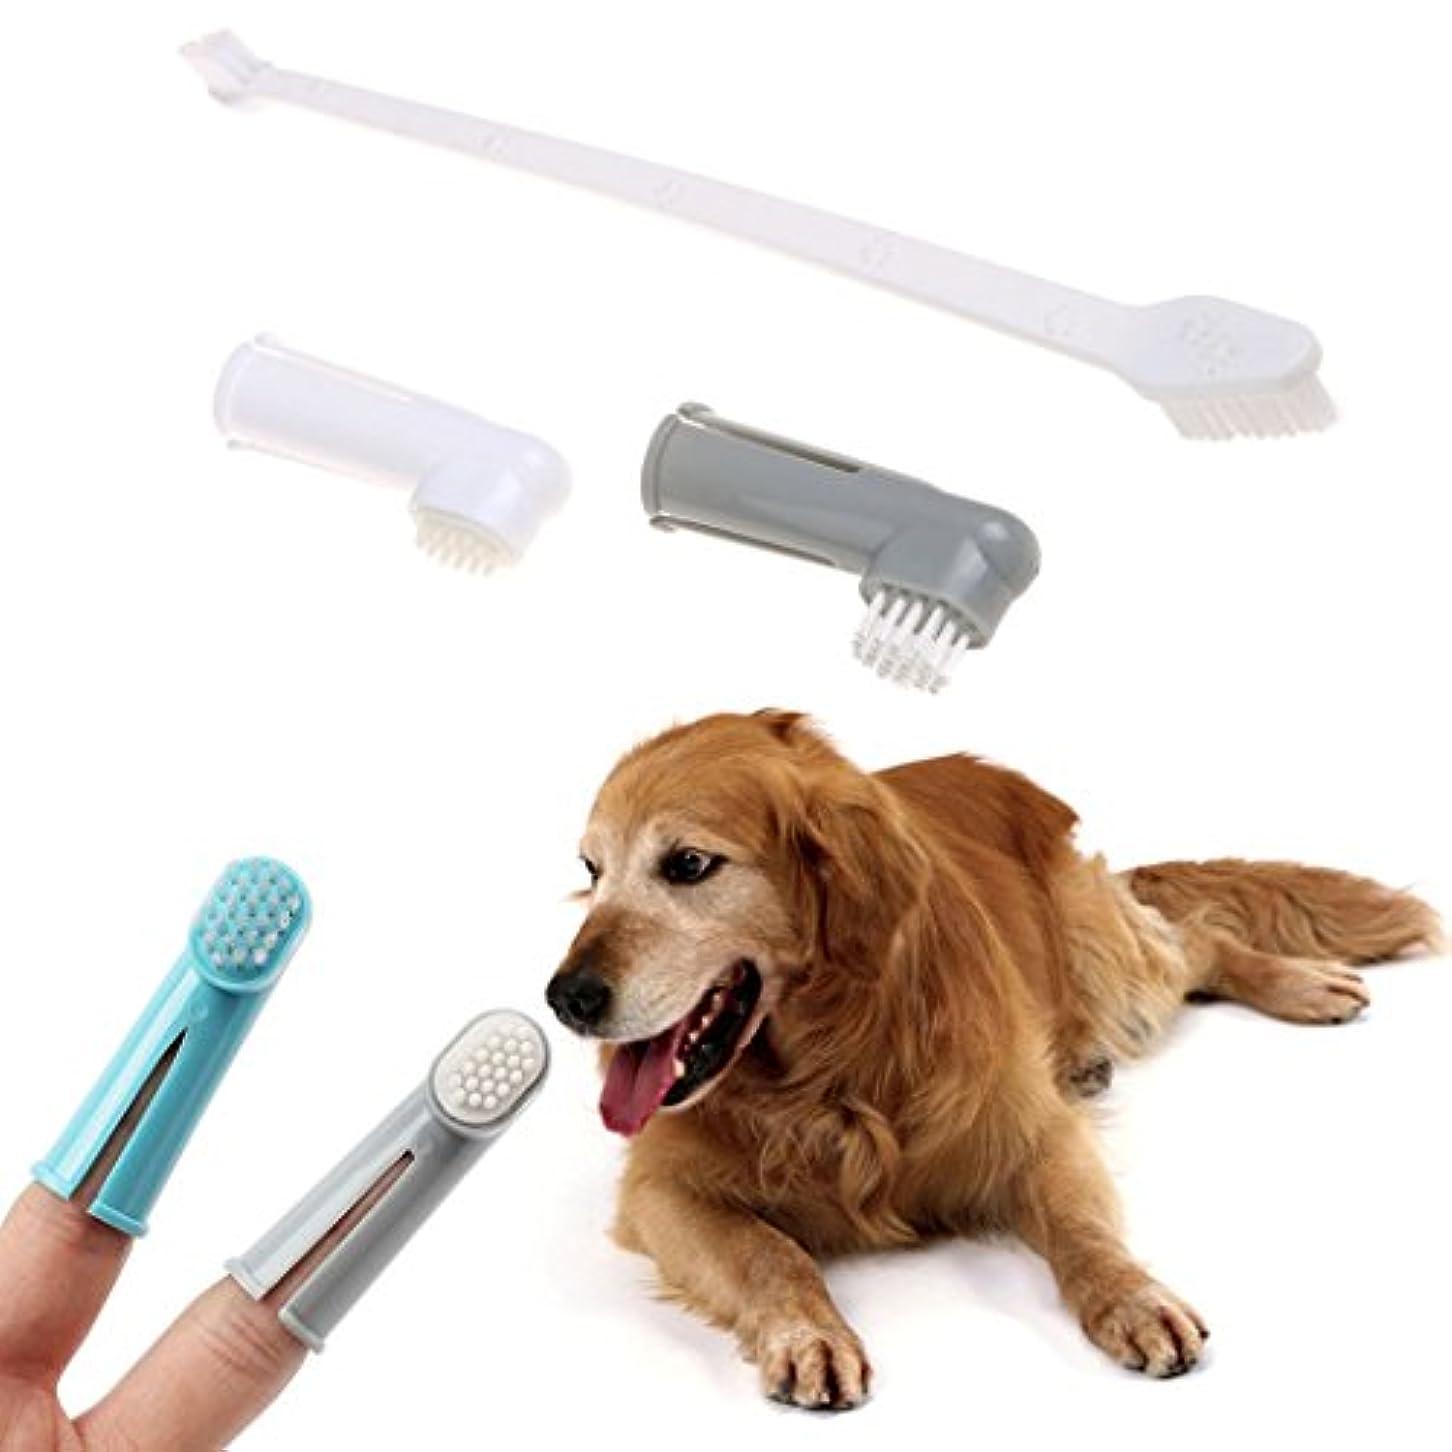 欲望スカウトシネマLegendog ペットの歯ブラシ 犬用歯ブラシ 指歯 ブラシ 歯磨き ペット歯ケア用品 カラフル 3ピースセット(合計9個)